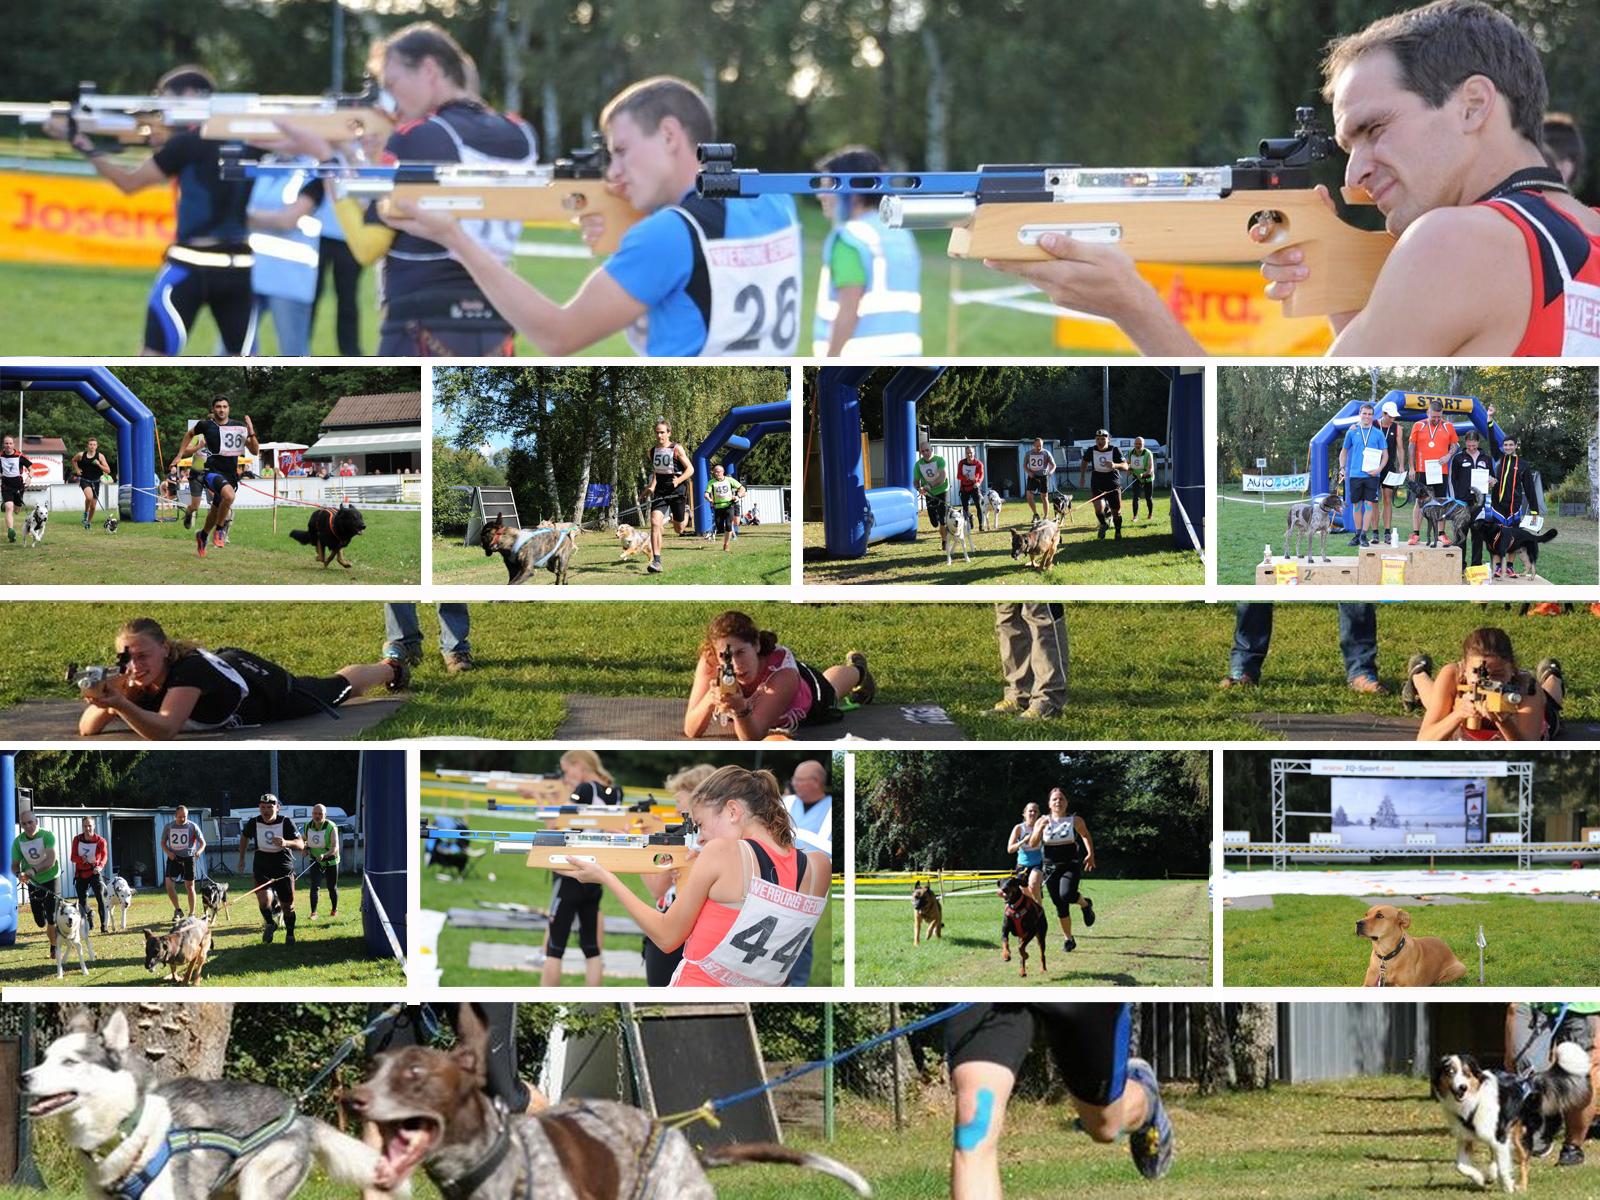 Dog-Biathlon: Weltpremiere Biathlon im Zughundesport